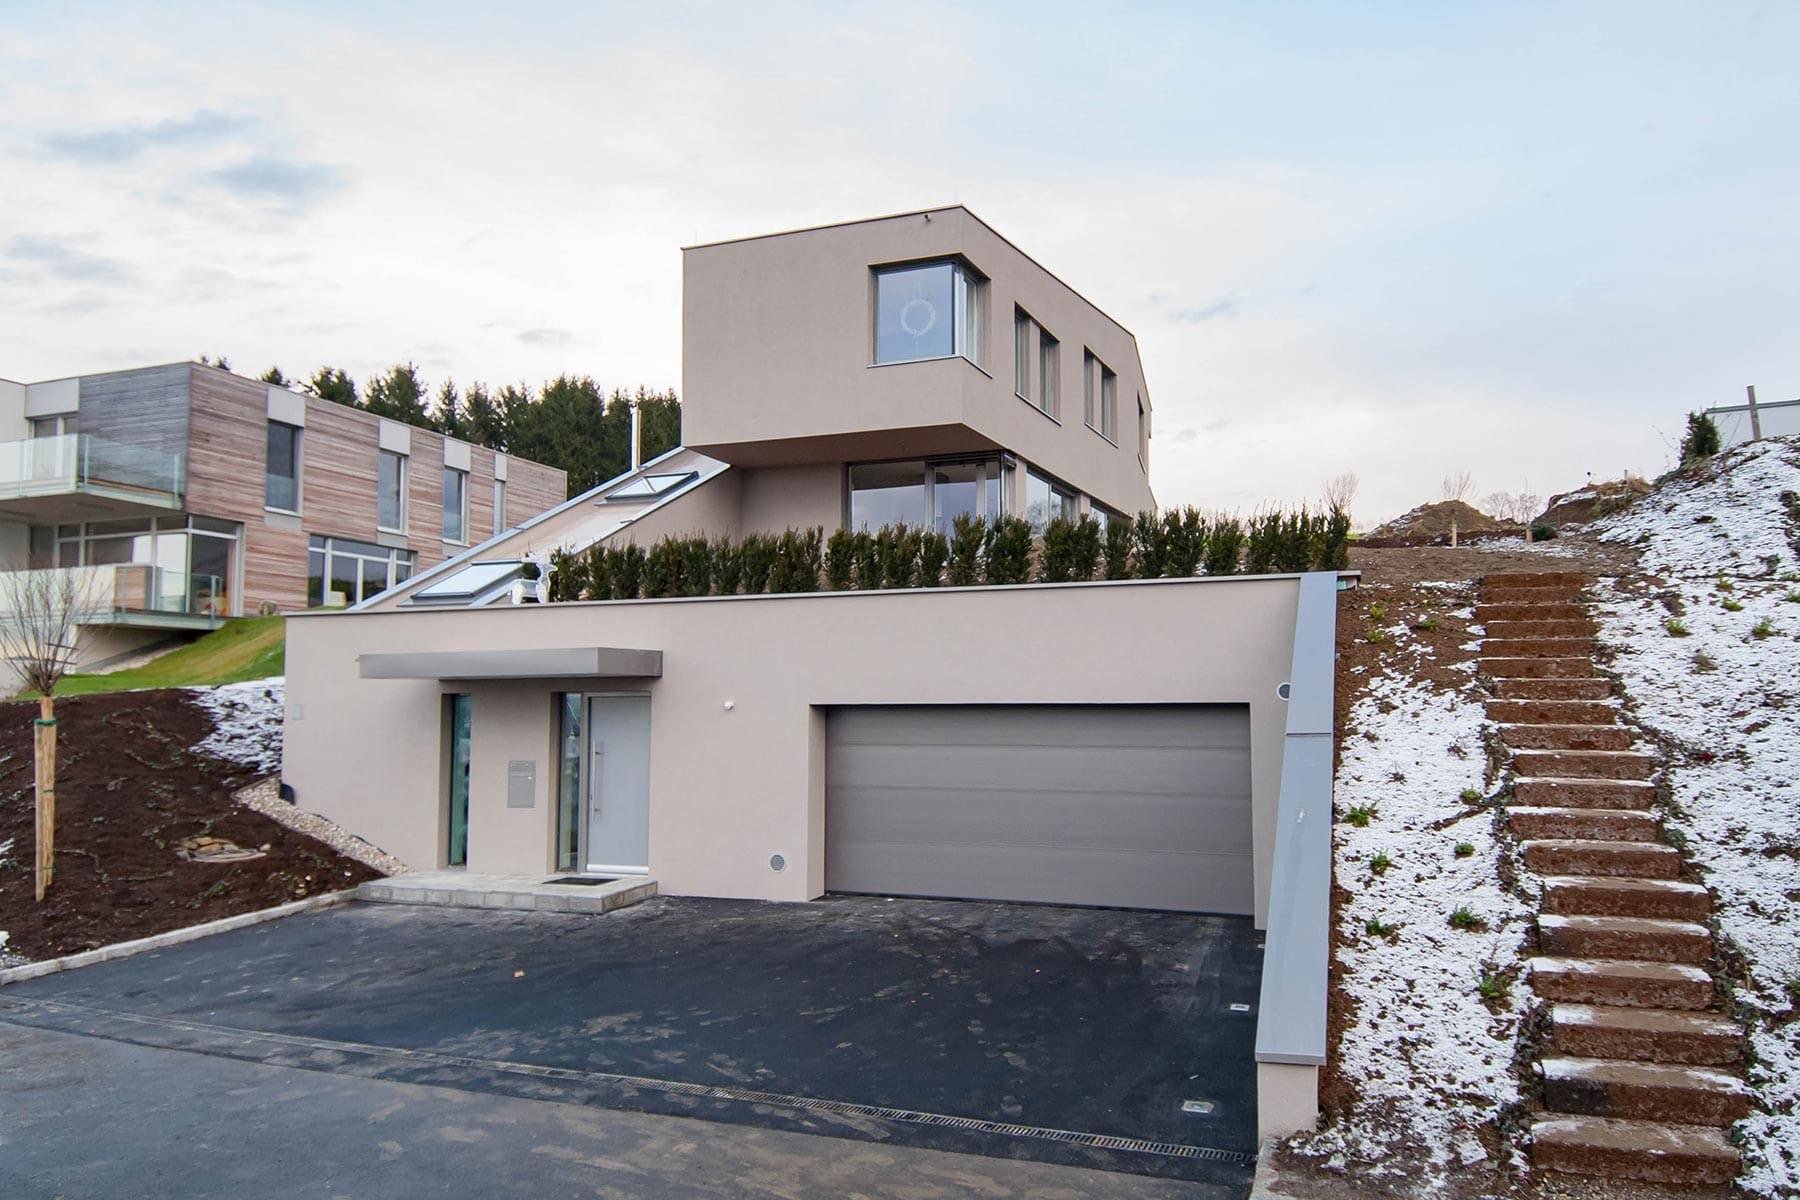 Zufahrt, Haus am Berg, architekt, hanghaus, haus am hang, architektur, architektenhaus, gramastetten